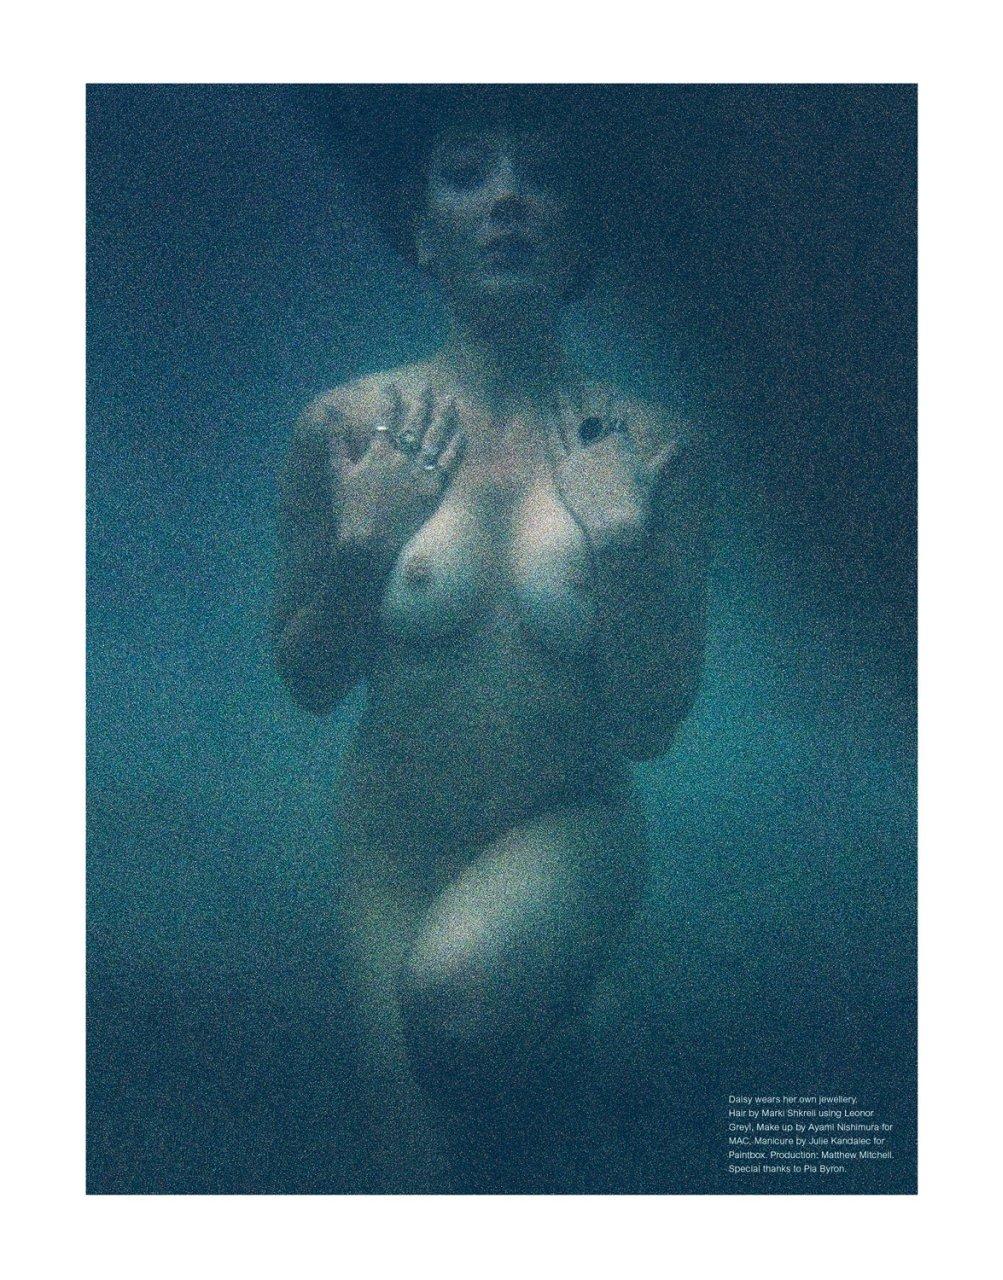 daisy lowe pics naked